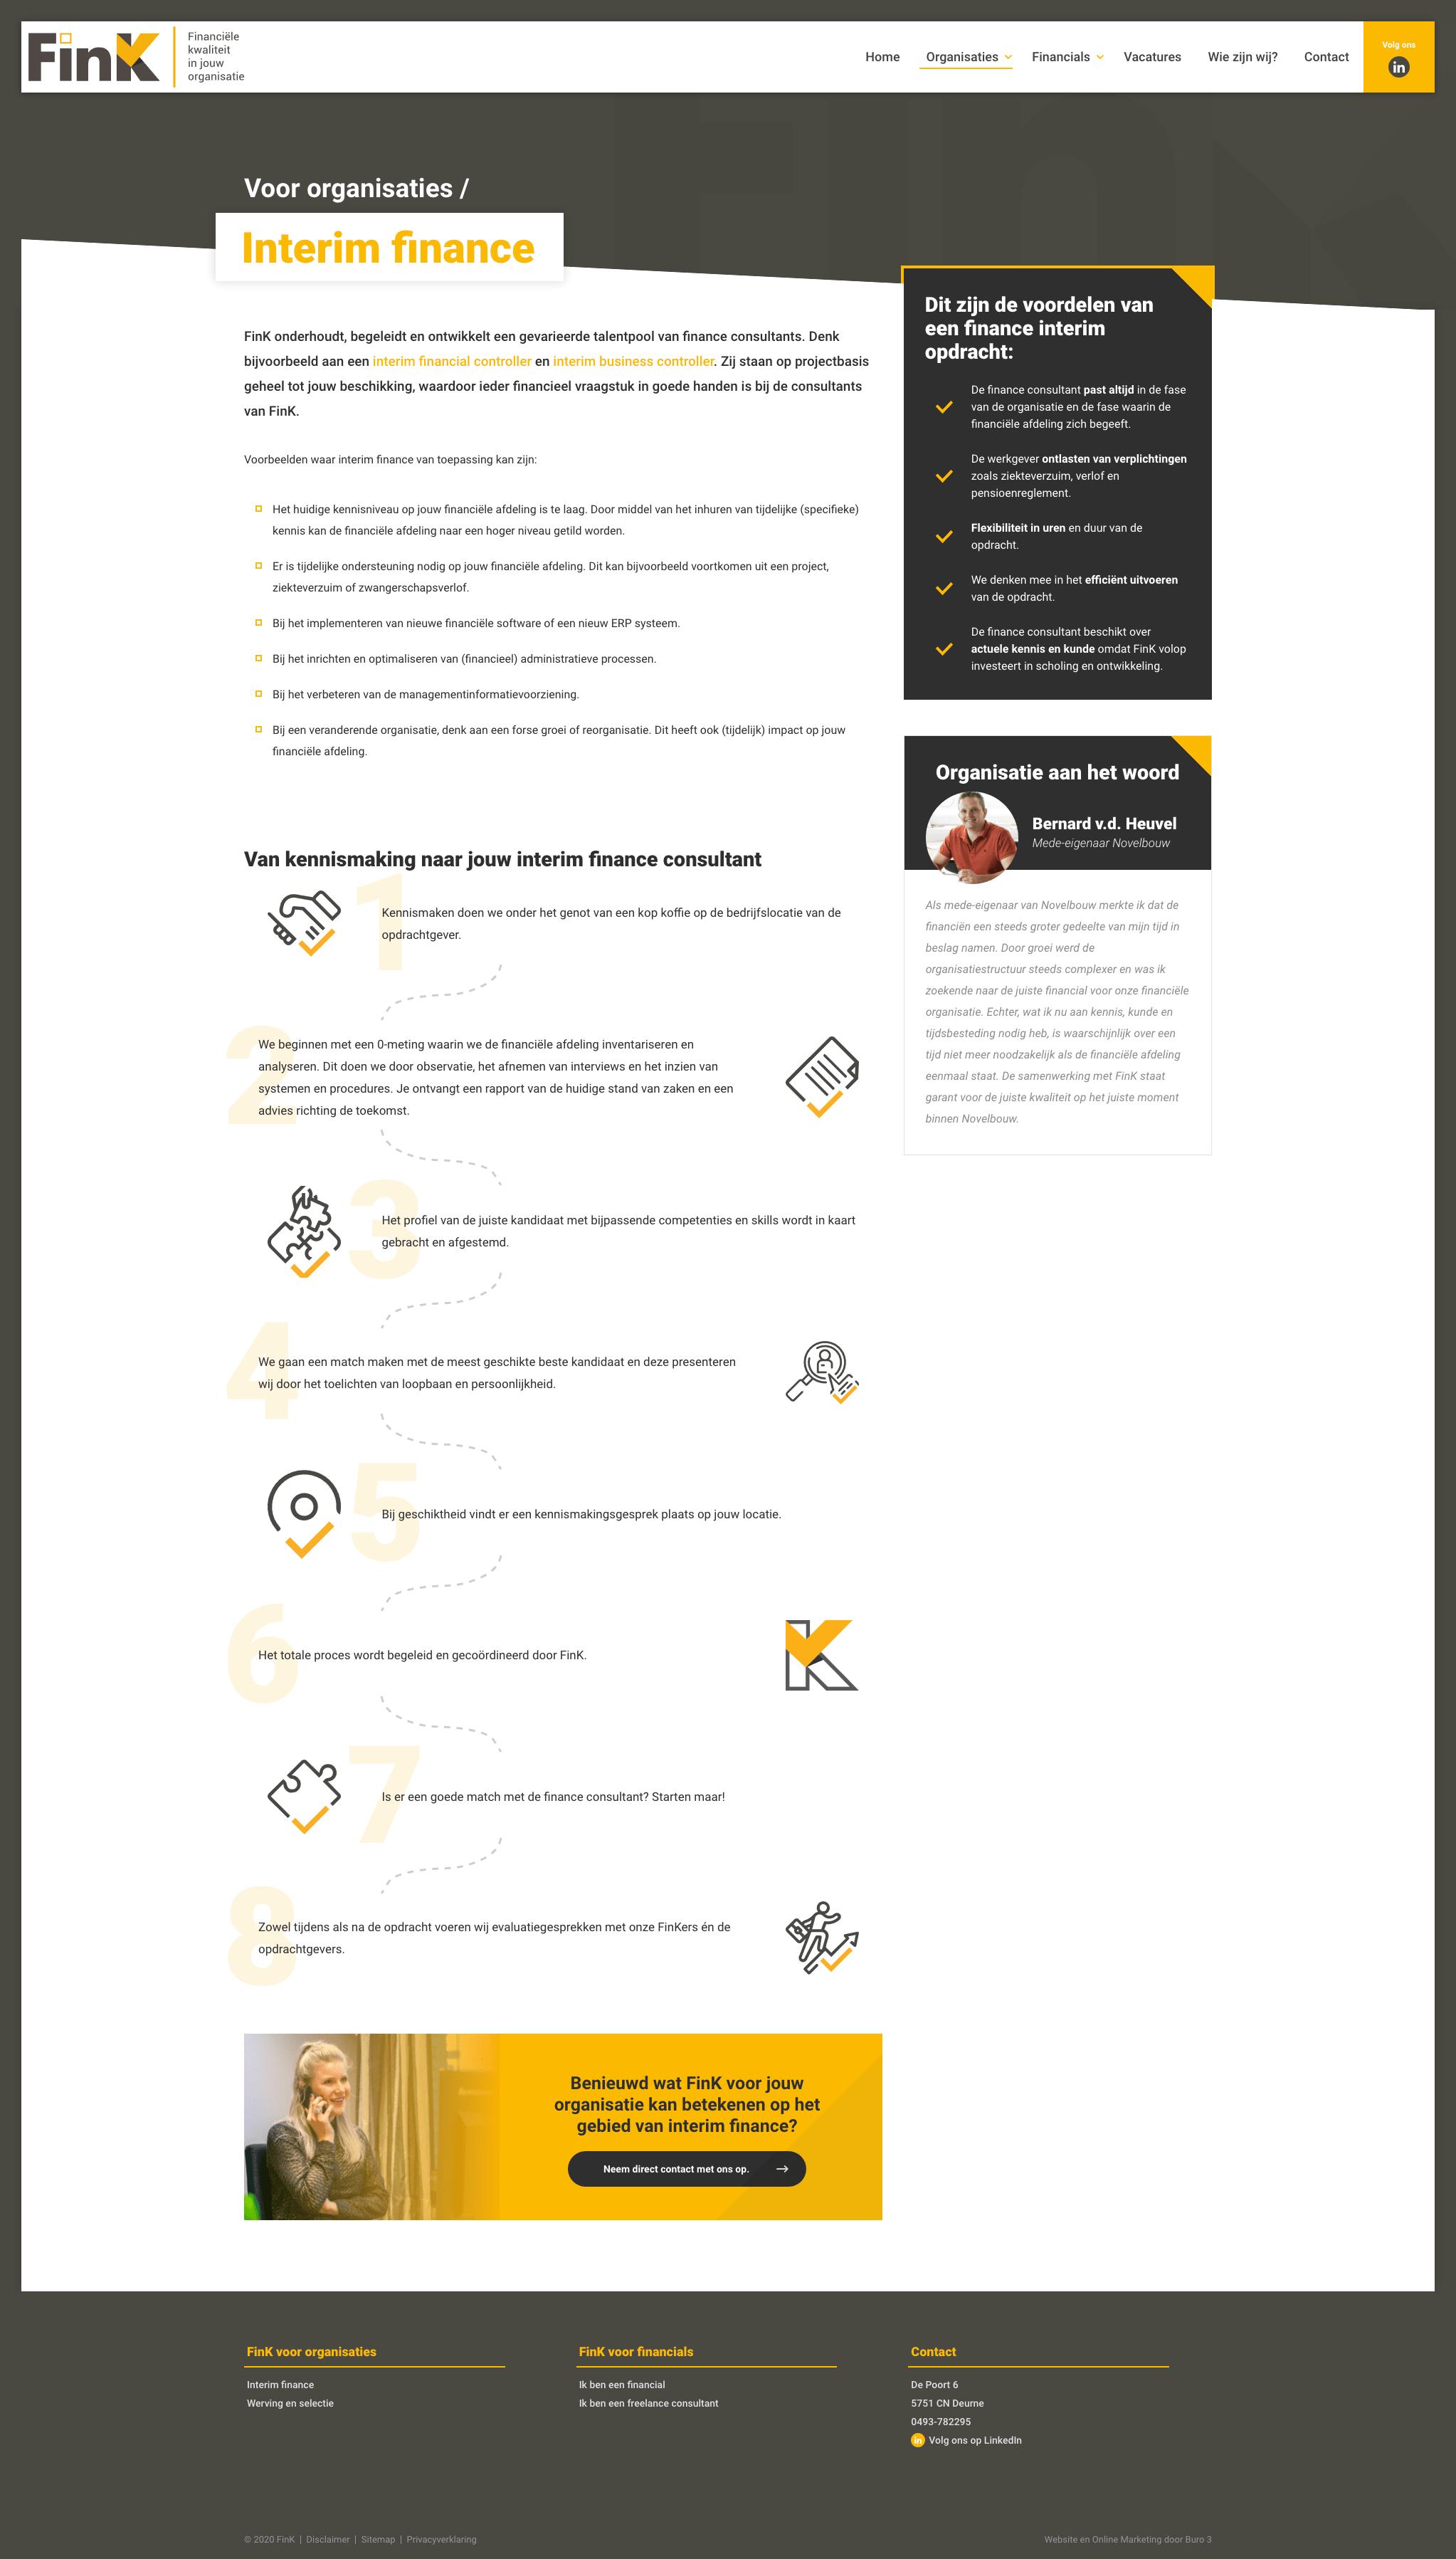 De 'Interim Finance' pagina over financiële kwaliteit op de nieuwe FinK website.